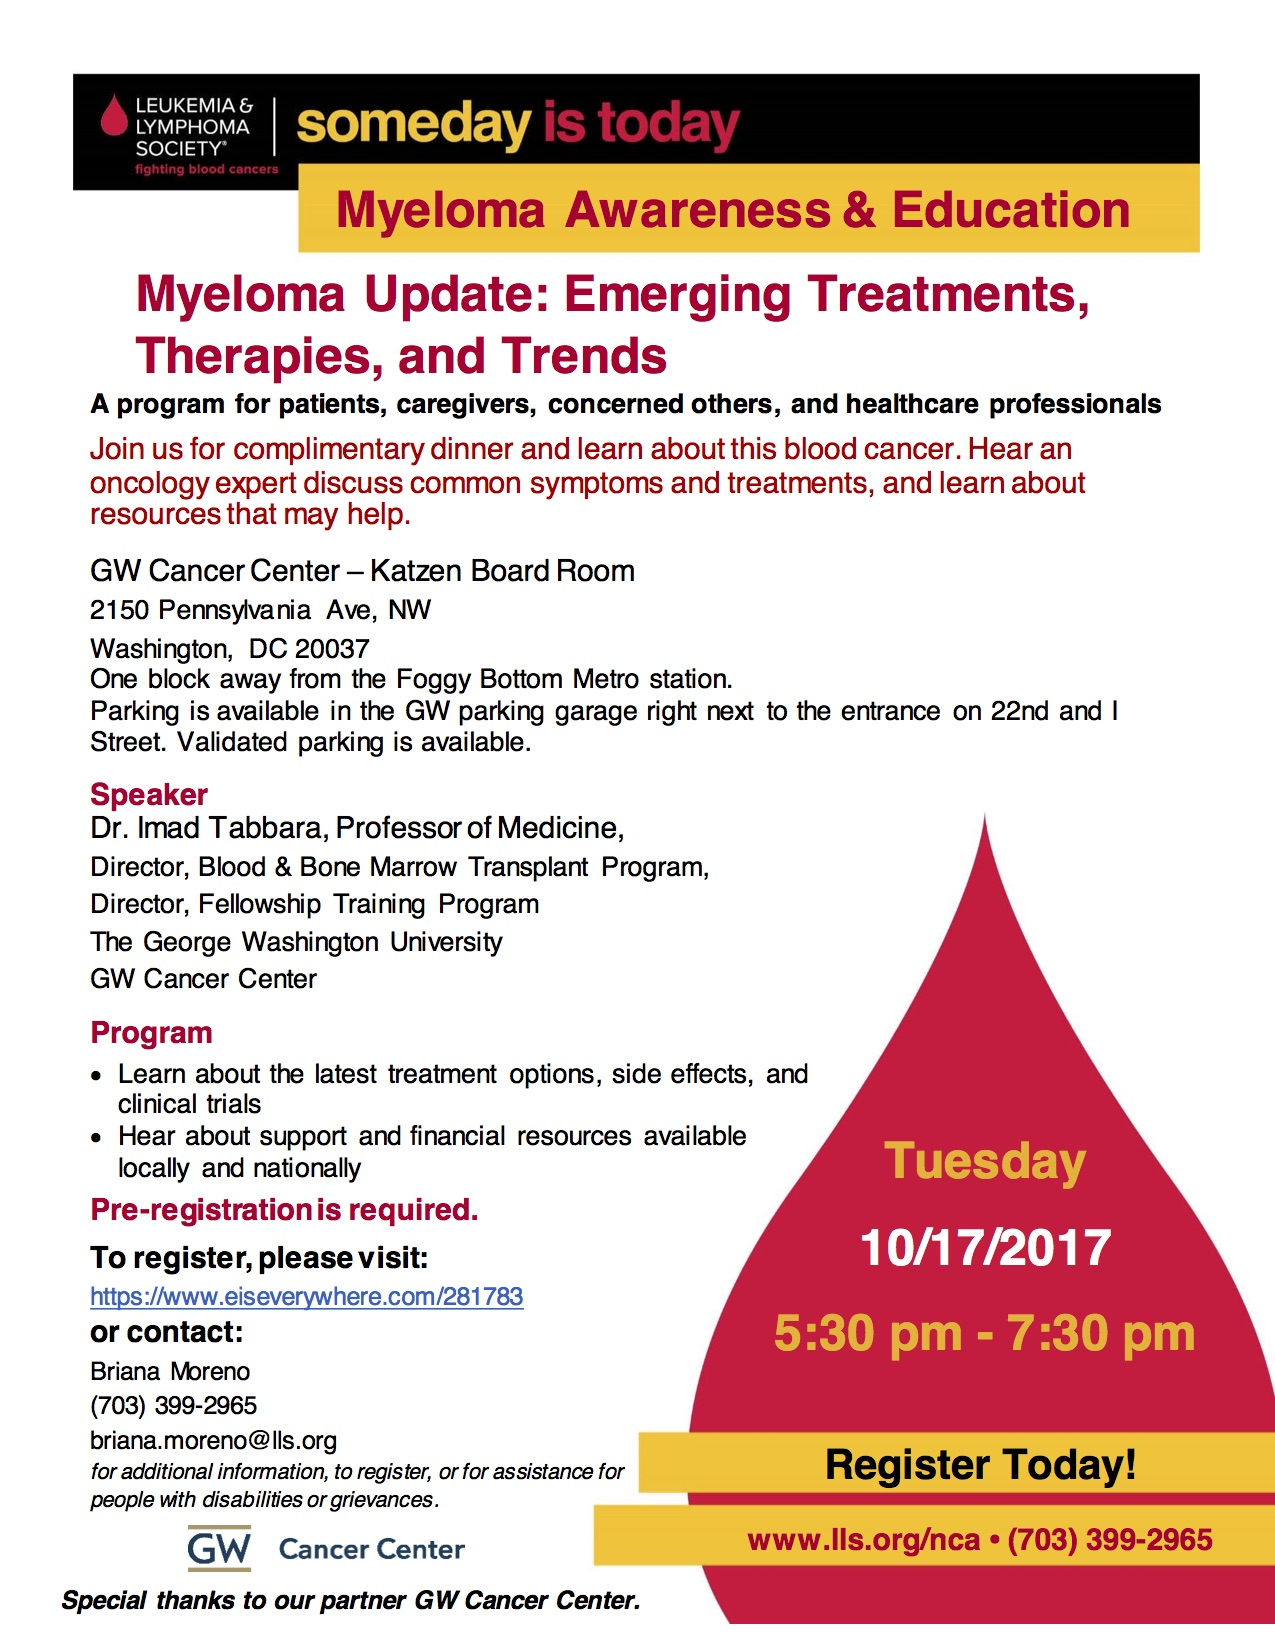 LLS/GW Myeloma Education Program Flyer